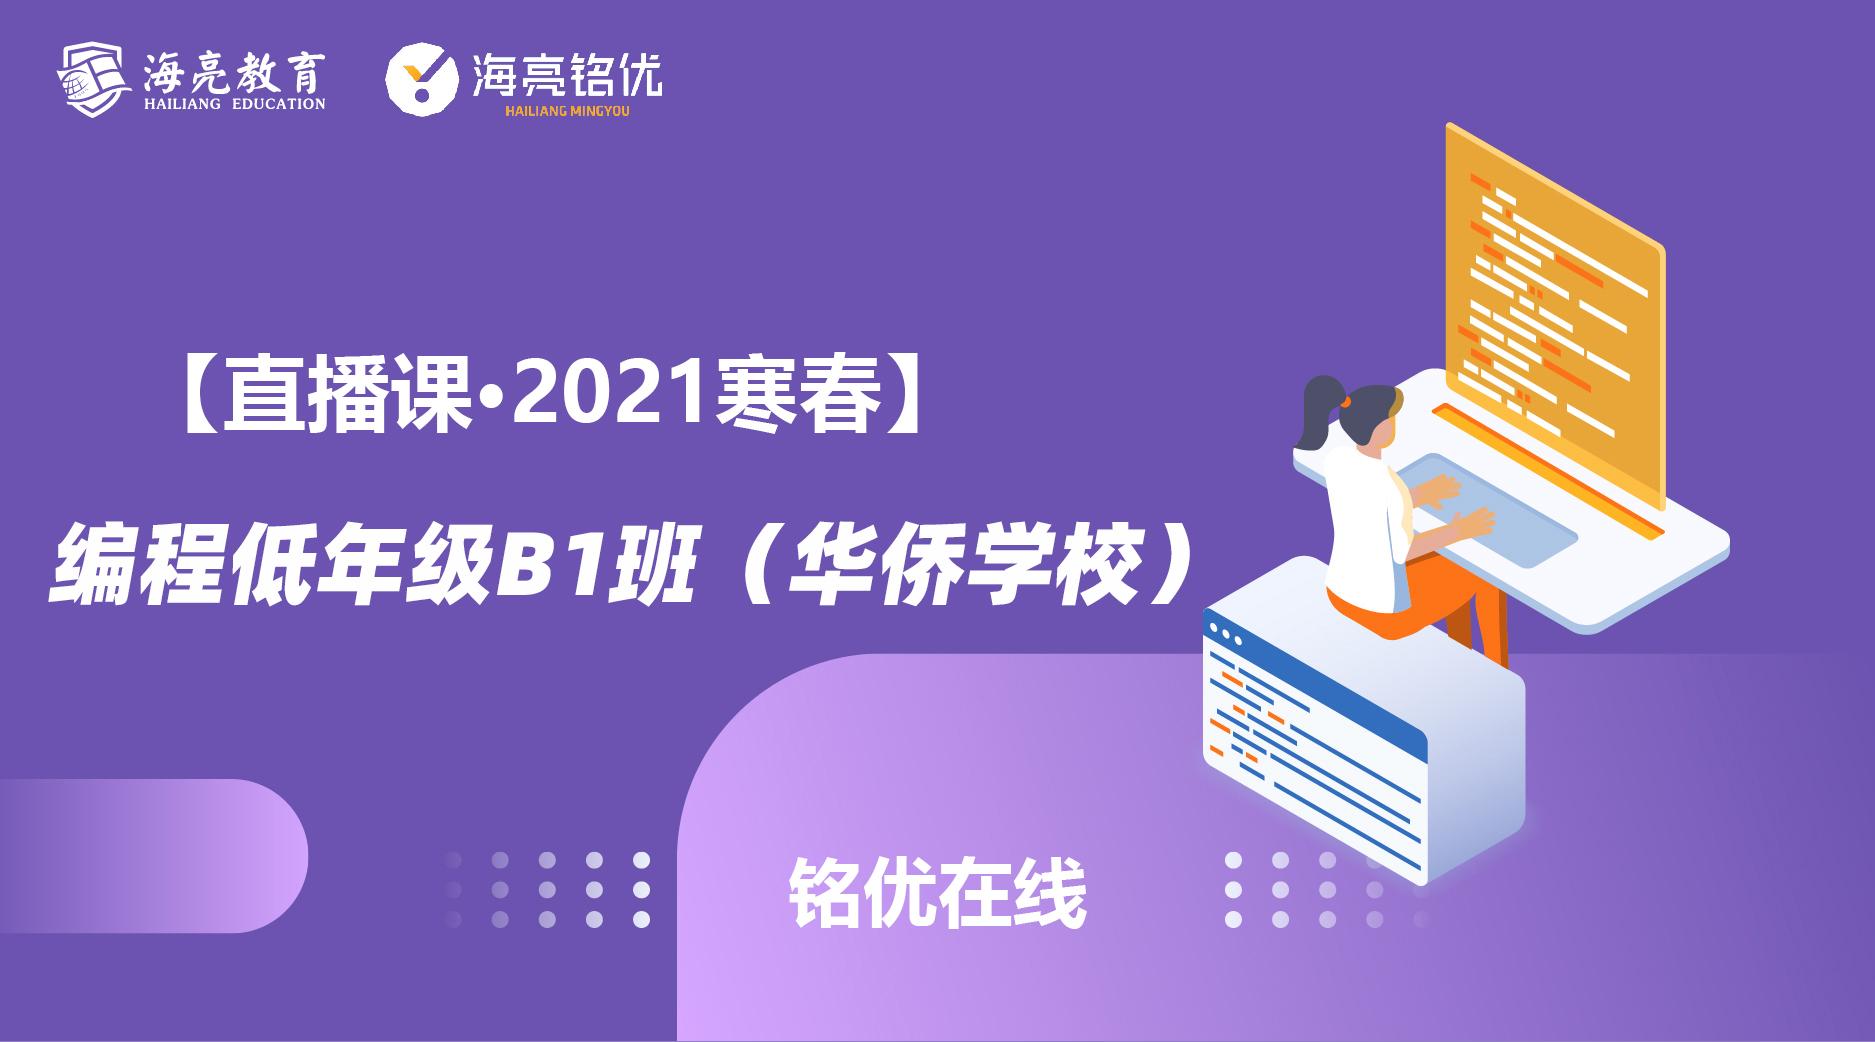 【直播课·2021寒春】编程低年级B1班(华侨学校)